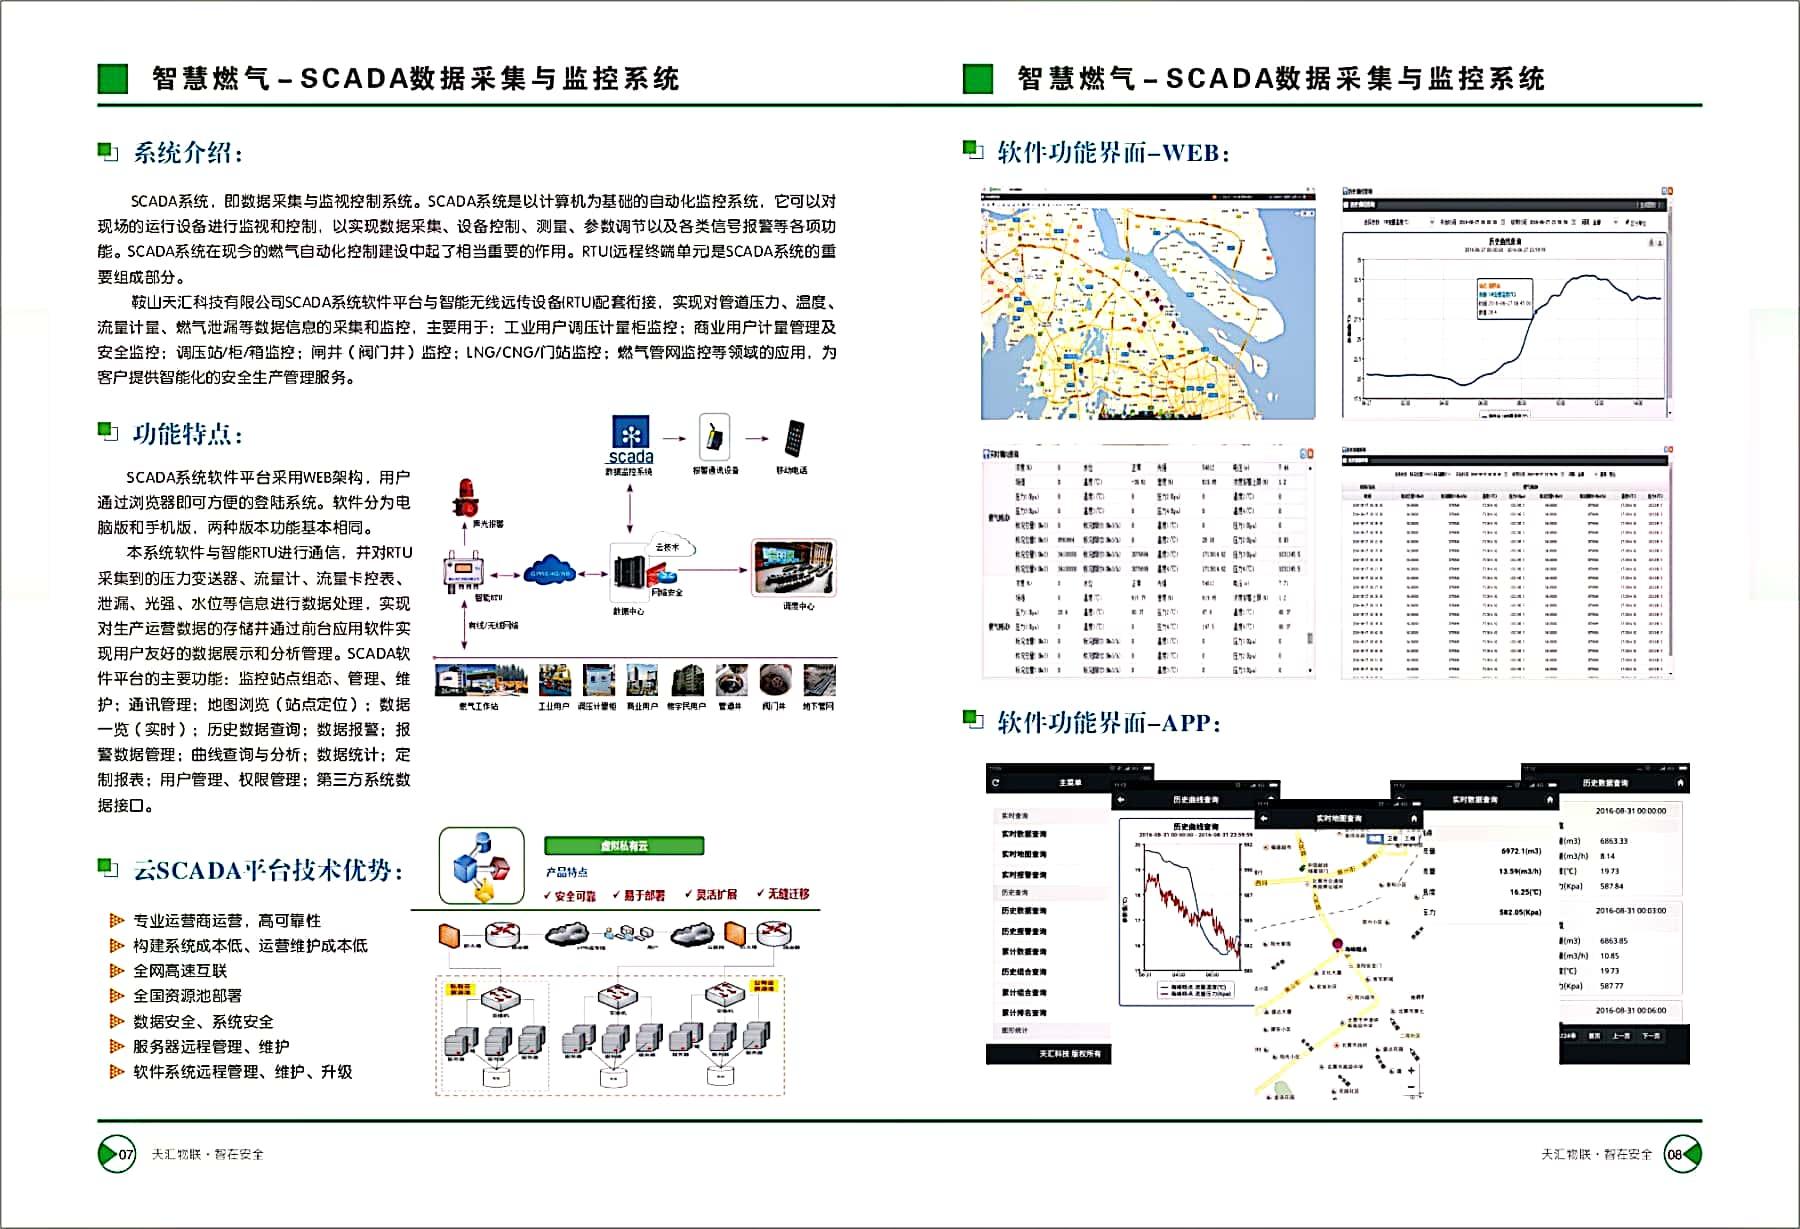 数据采集与监控系统SCADA